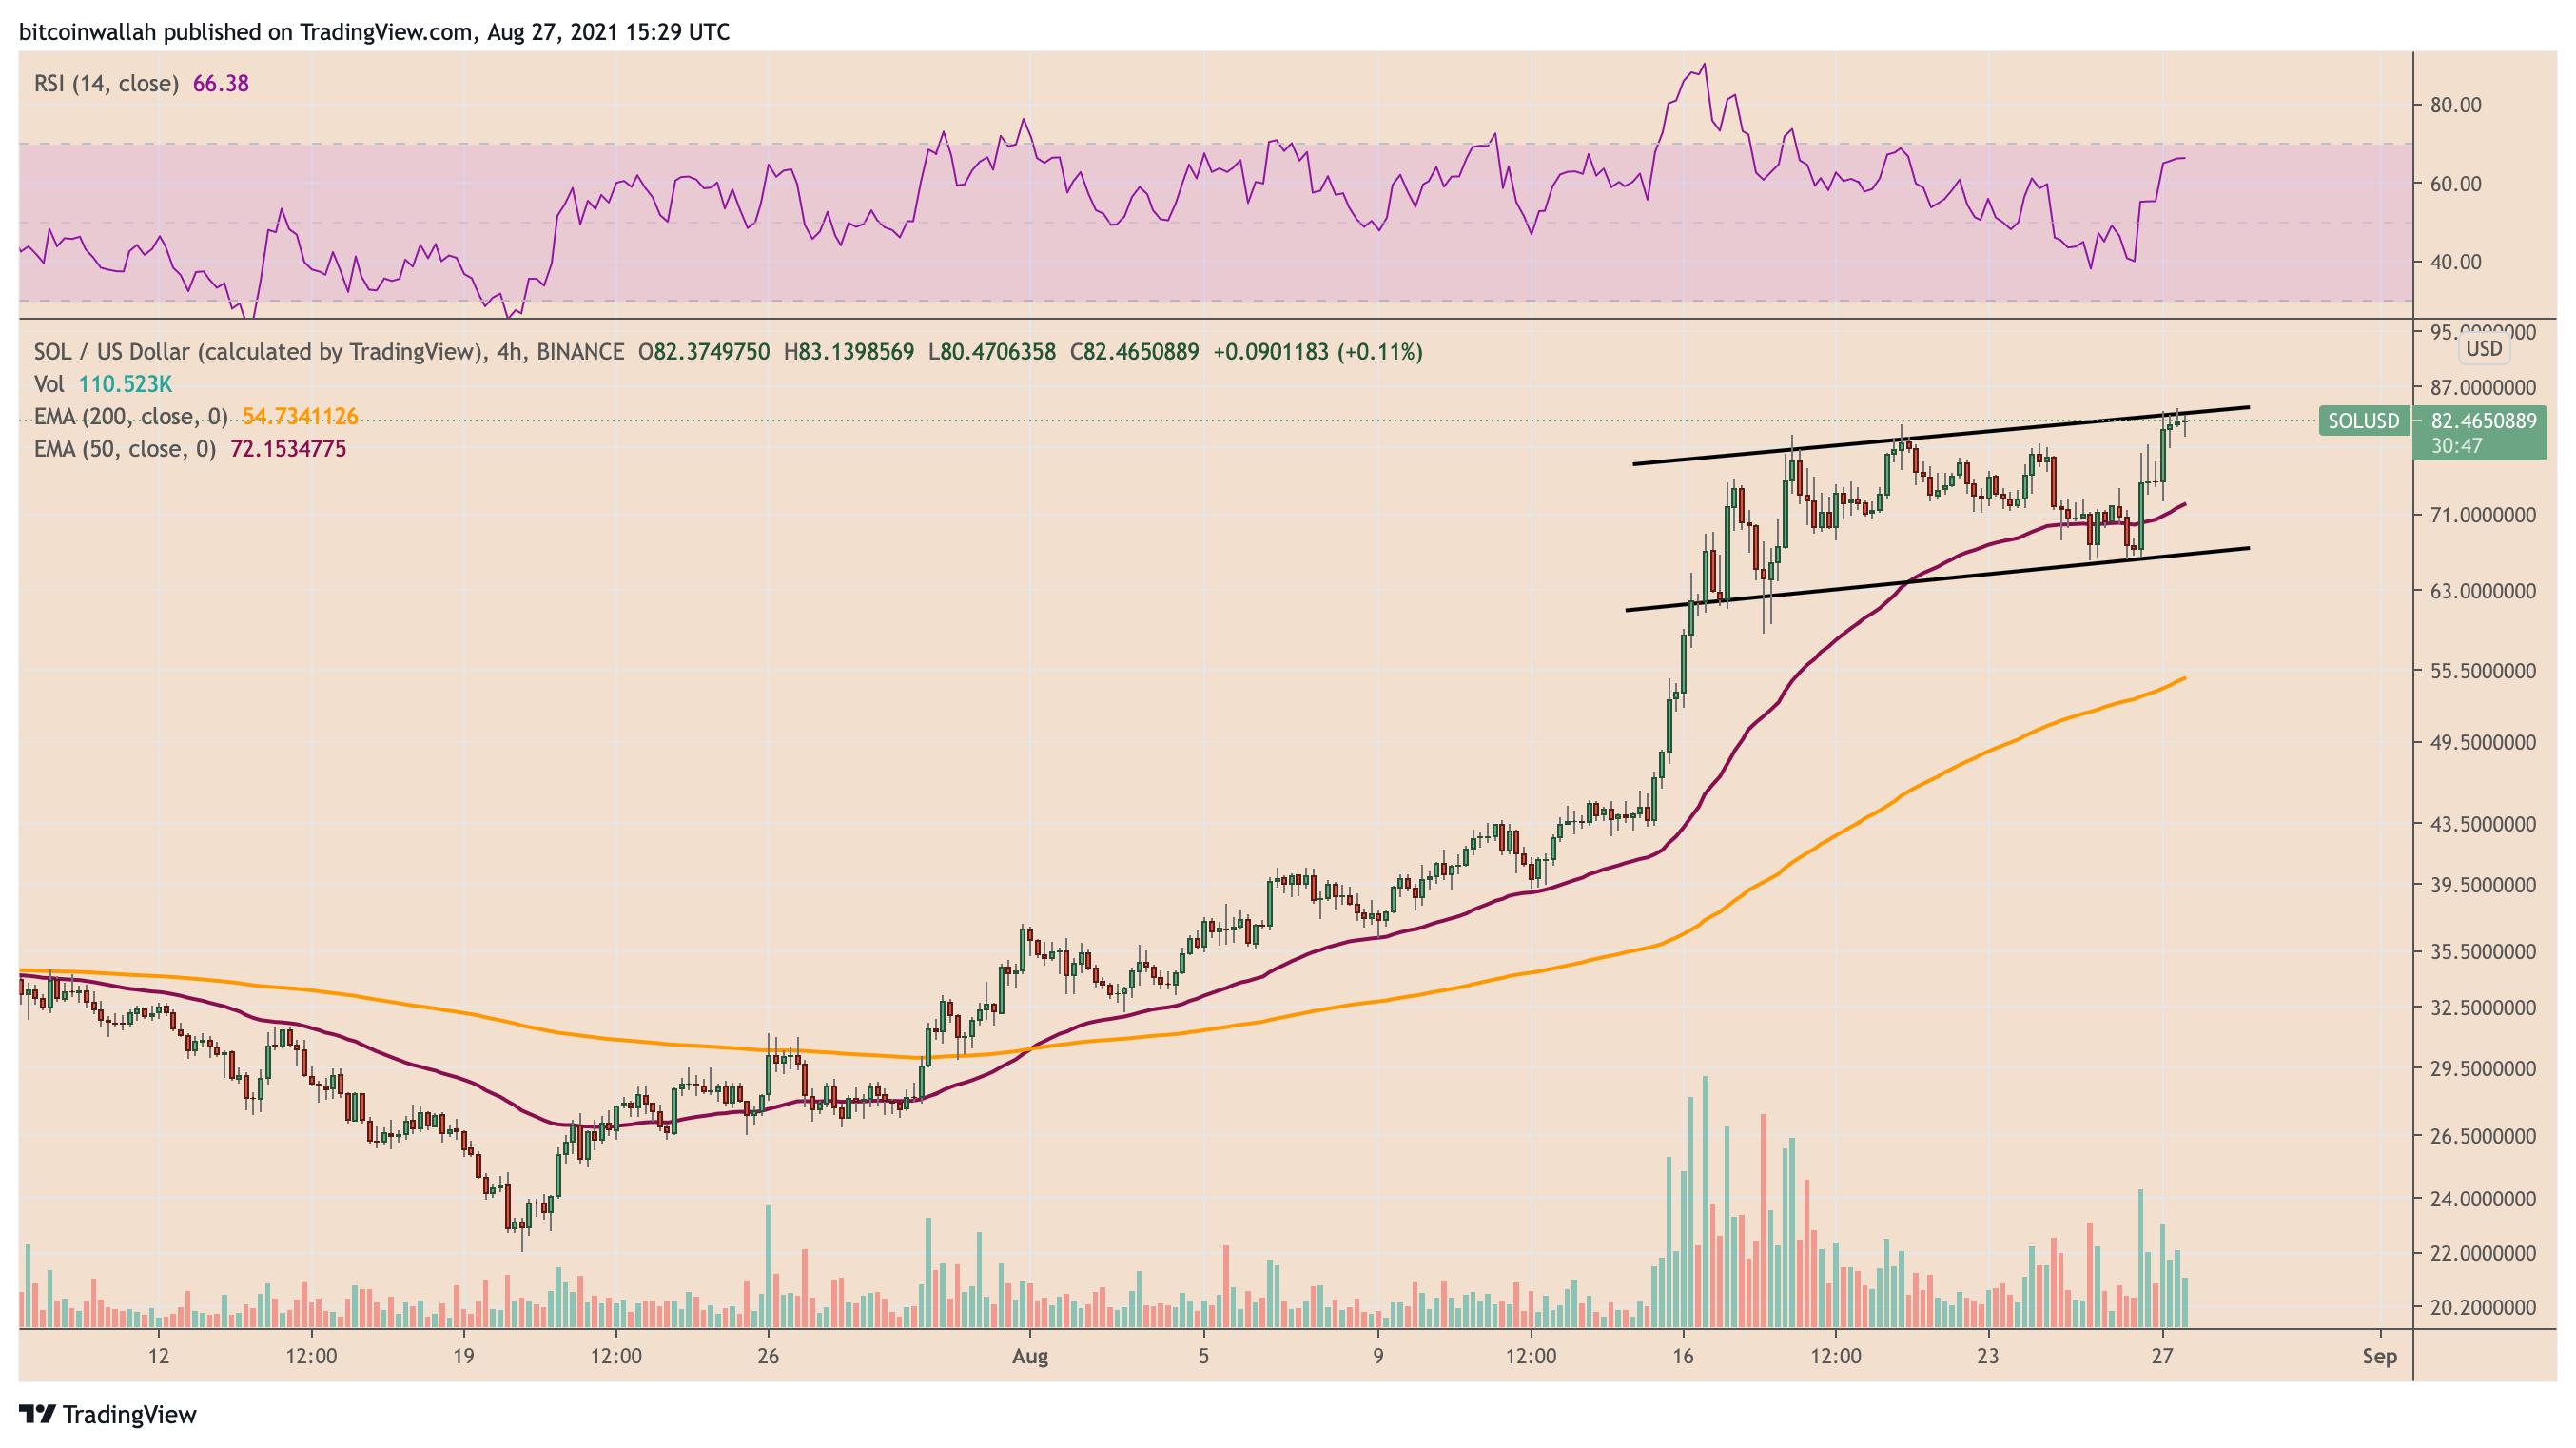 Grafico a 4 ore di SOL/USD con setup del canale ascendente